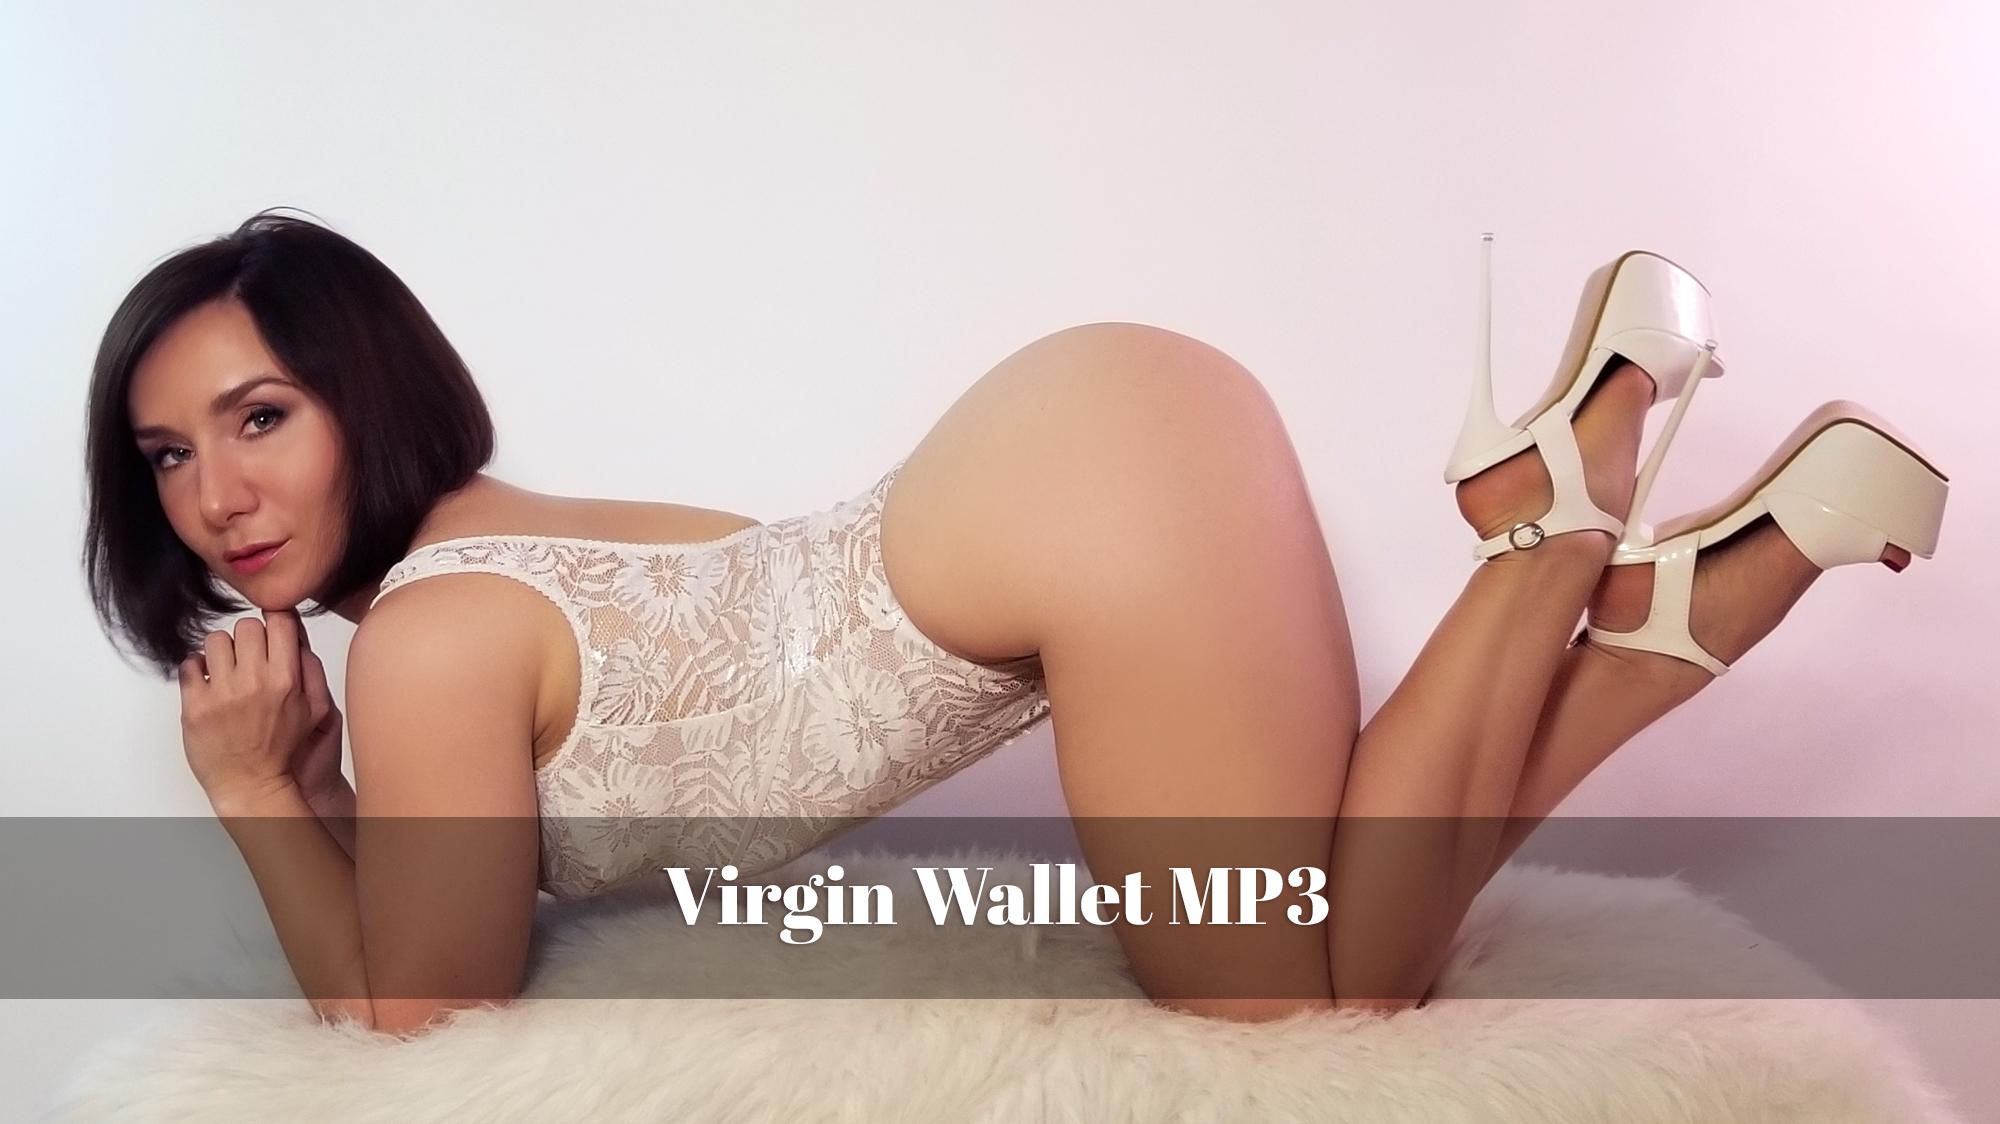 Virgin-Wallet-MP3